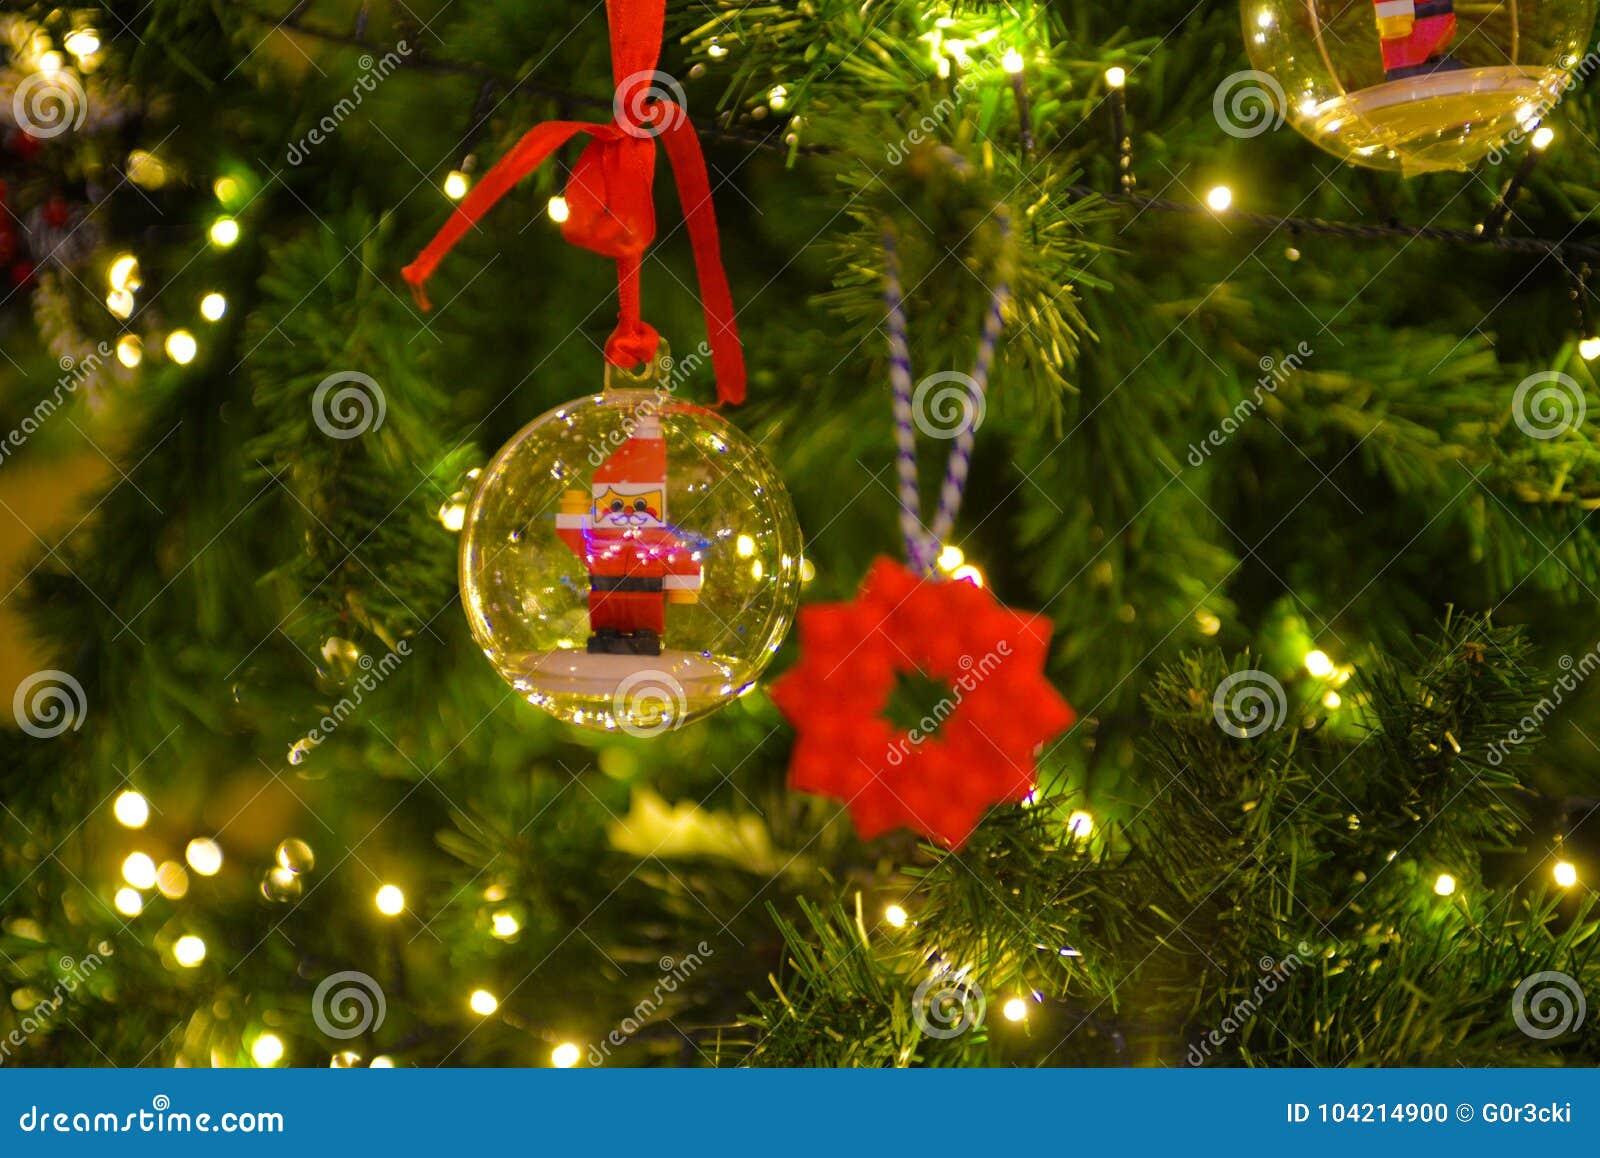 Decorações do Natal, bola com Lego Santa Claus, luzes da árvore do Xmas, Lego Ice Flake vermelho borrado